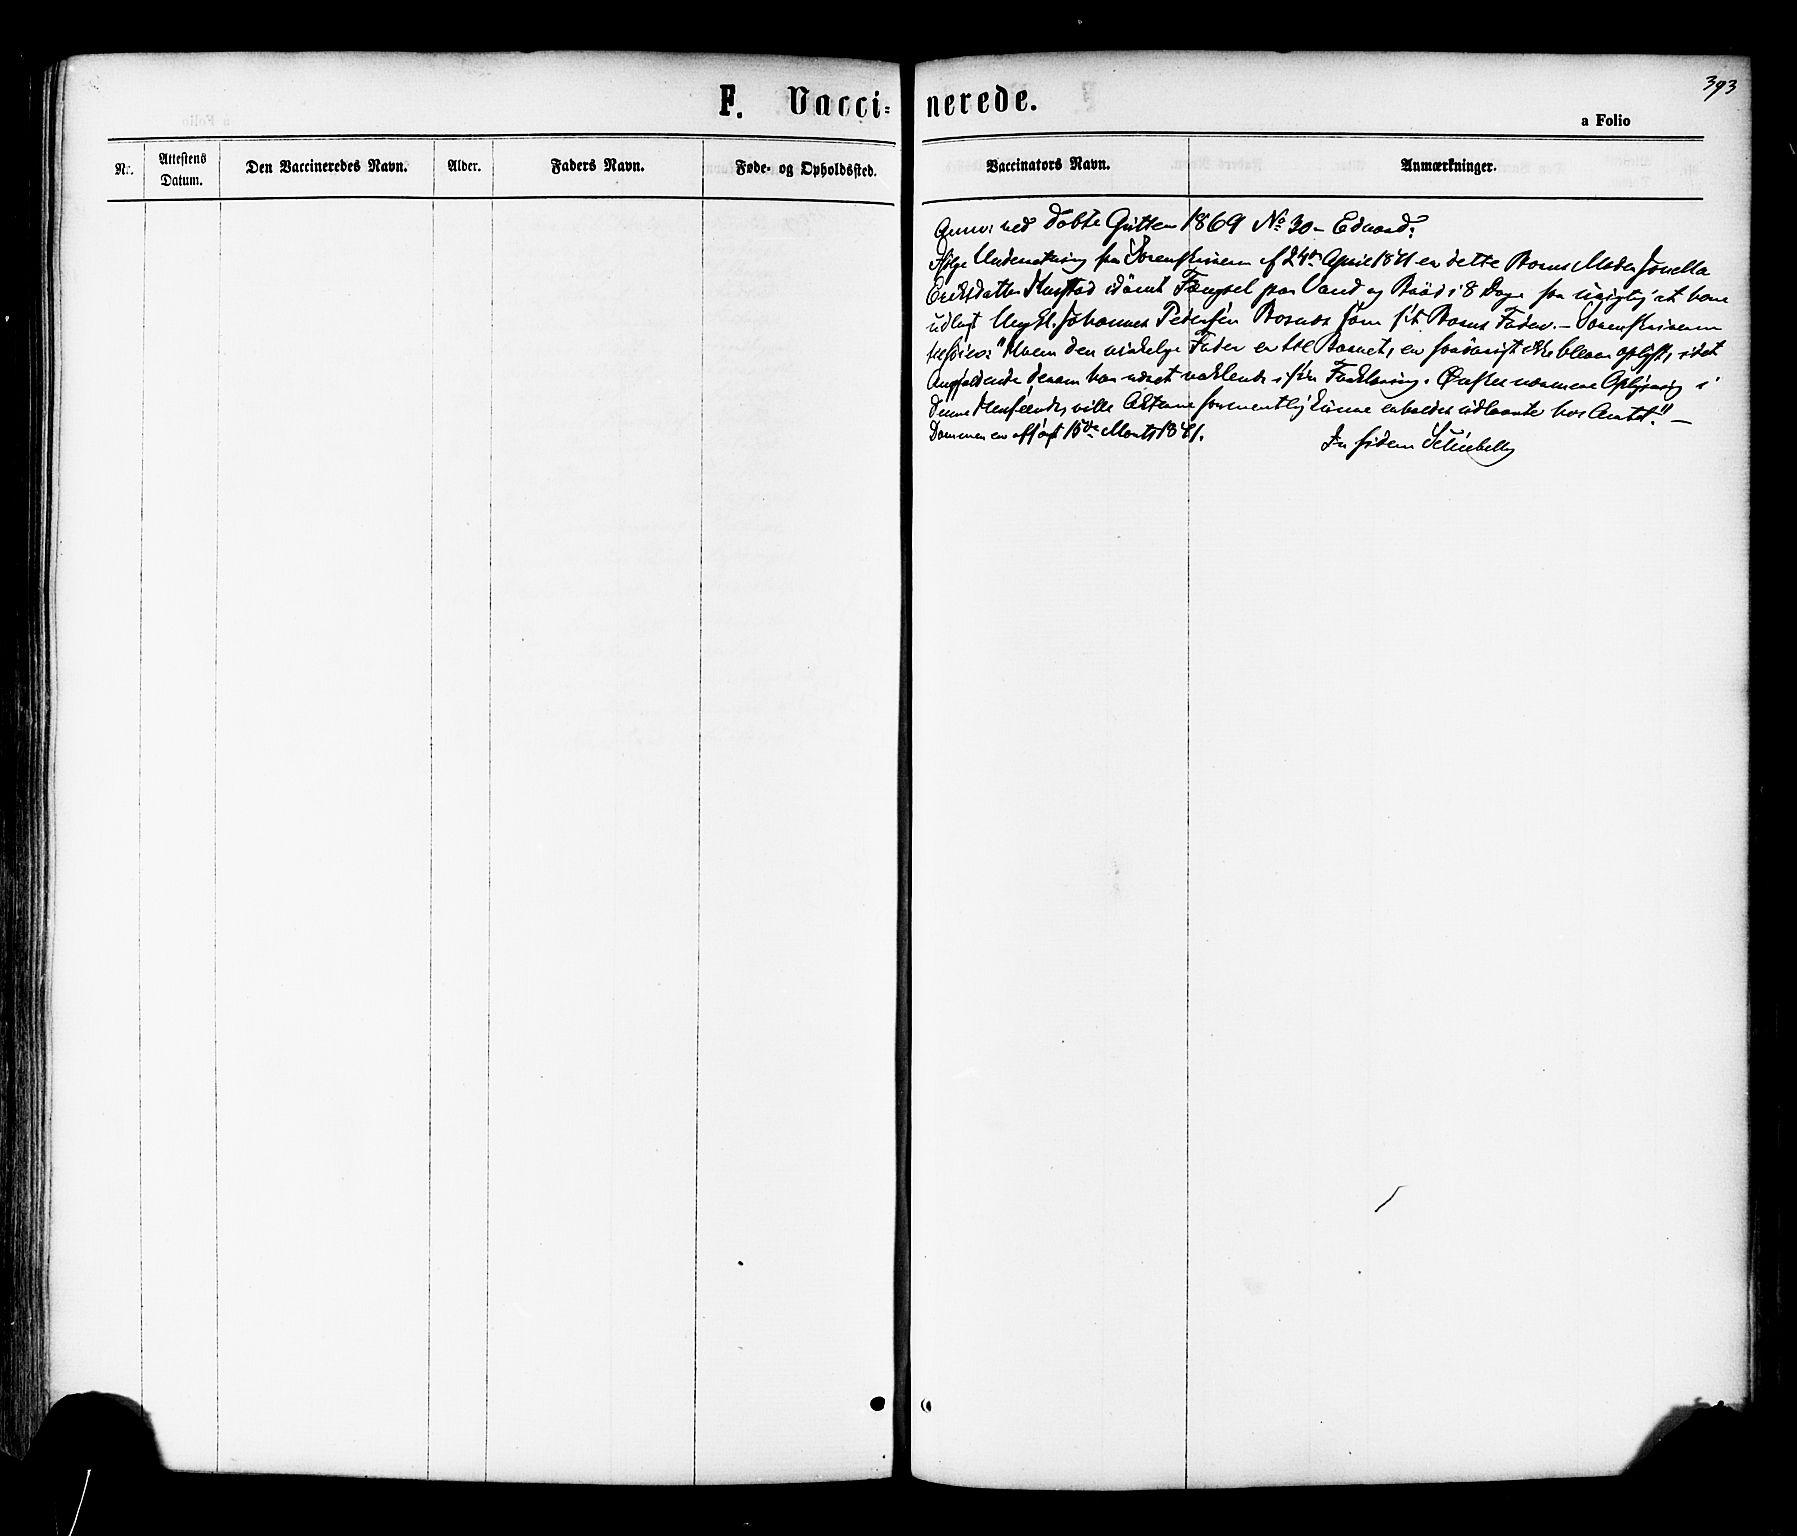 SAT, Ministerialprotokoller, klokkerbøker og fødselsregistre - Nord-Trøndelag, 730/L0284: Ministerialbok nr. 730A09, 1866-1878, s. 393